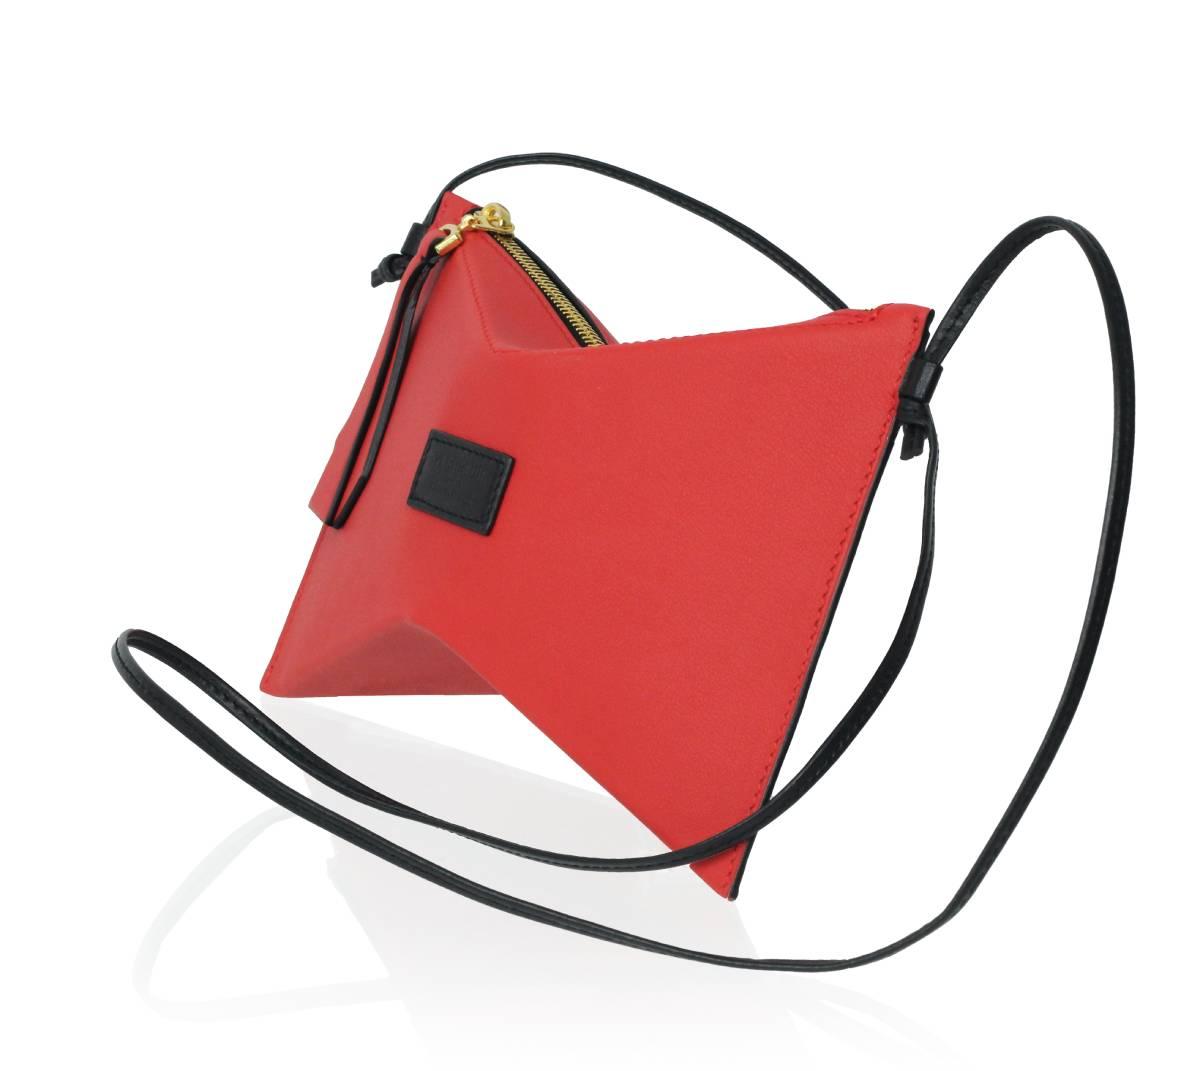 1Papillon - Rouge cerise et noir intense (1)